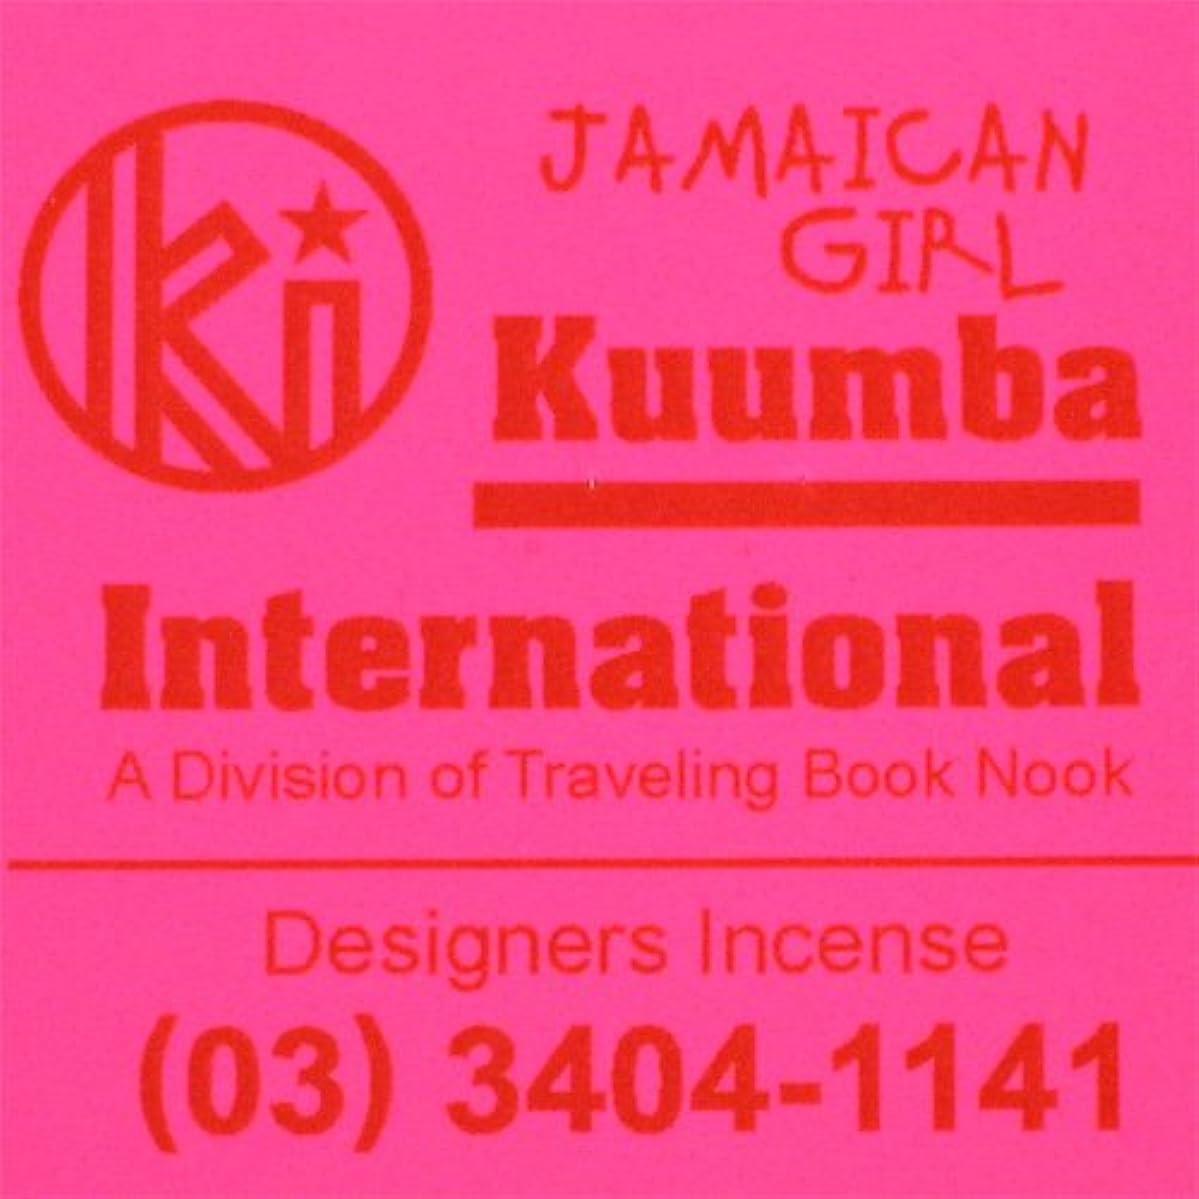 評決能力忘れっぽいKUUMBA / クンバ『incense』(JAMAICAN GIRL) (Regular size)